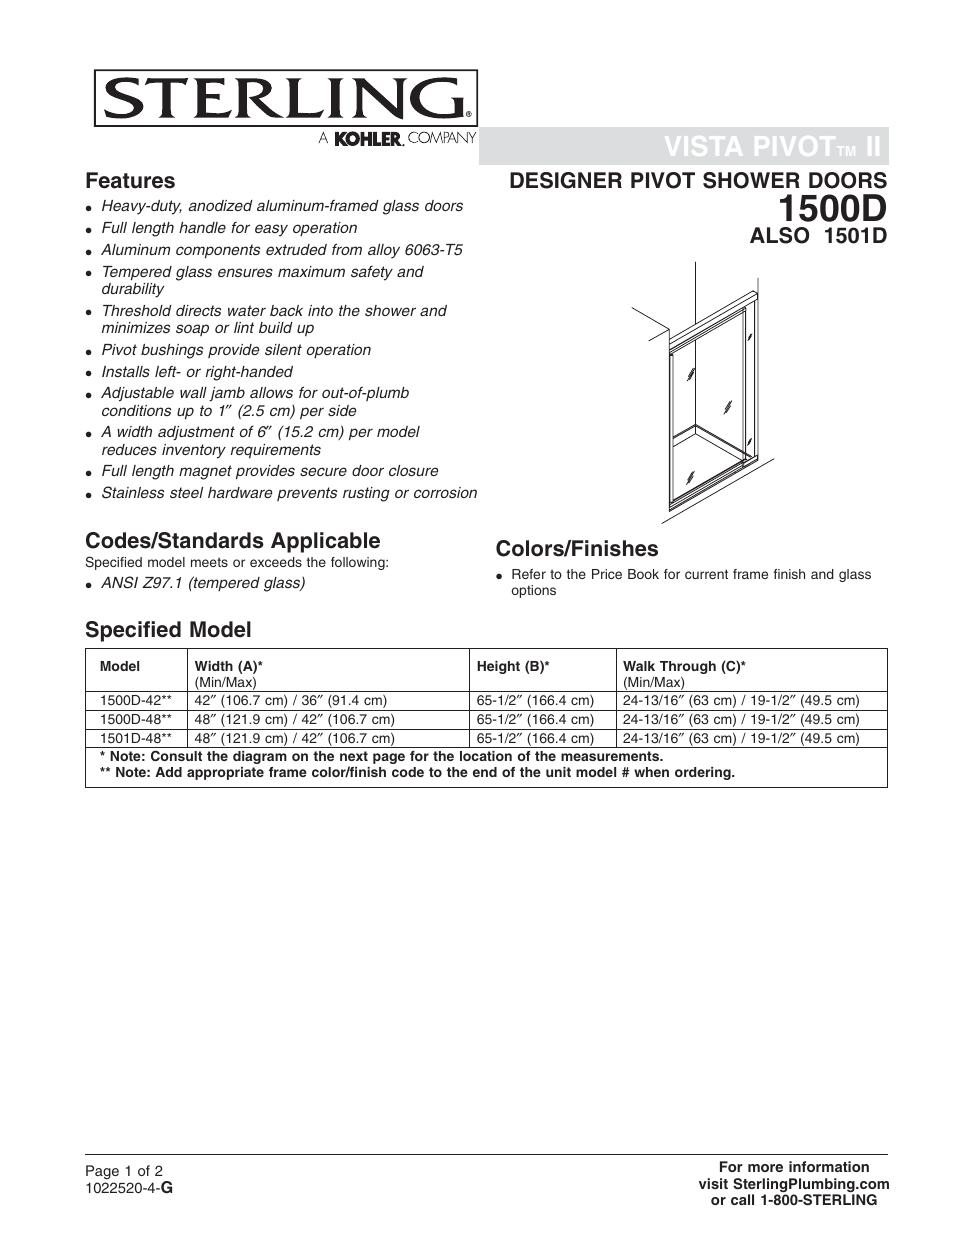 Sterling Plumbing Designer Pivot Shower Doors 1501d User